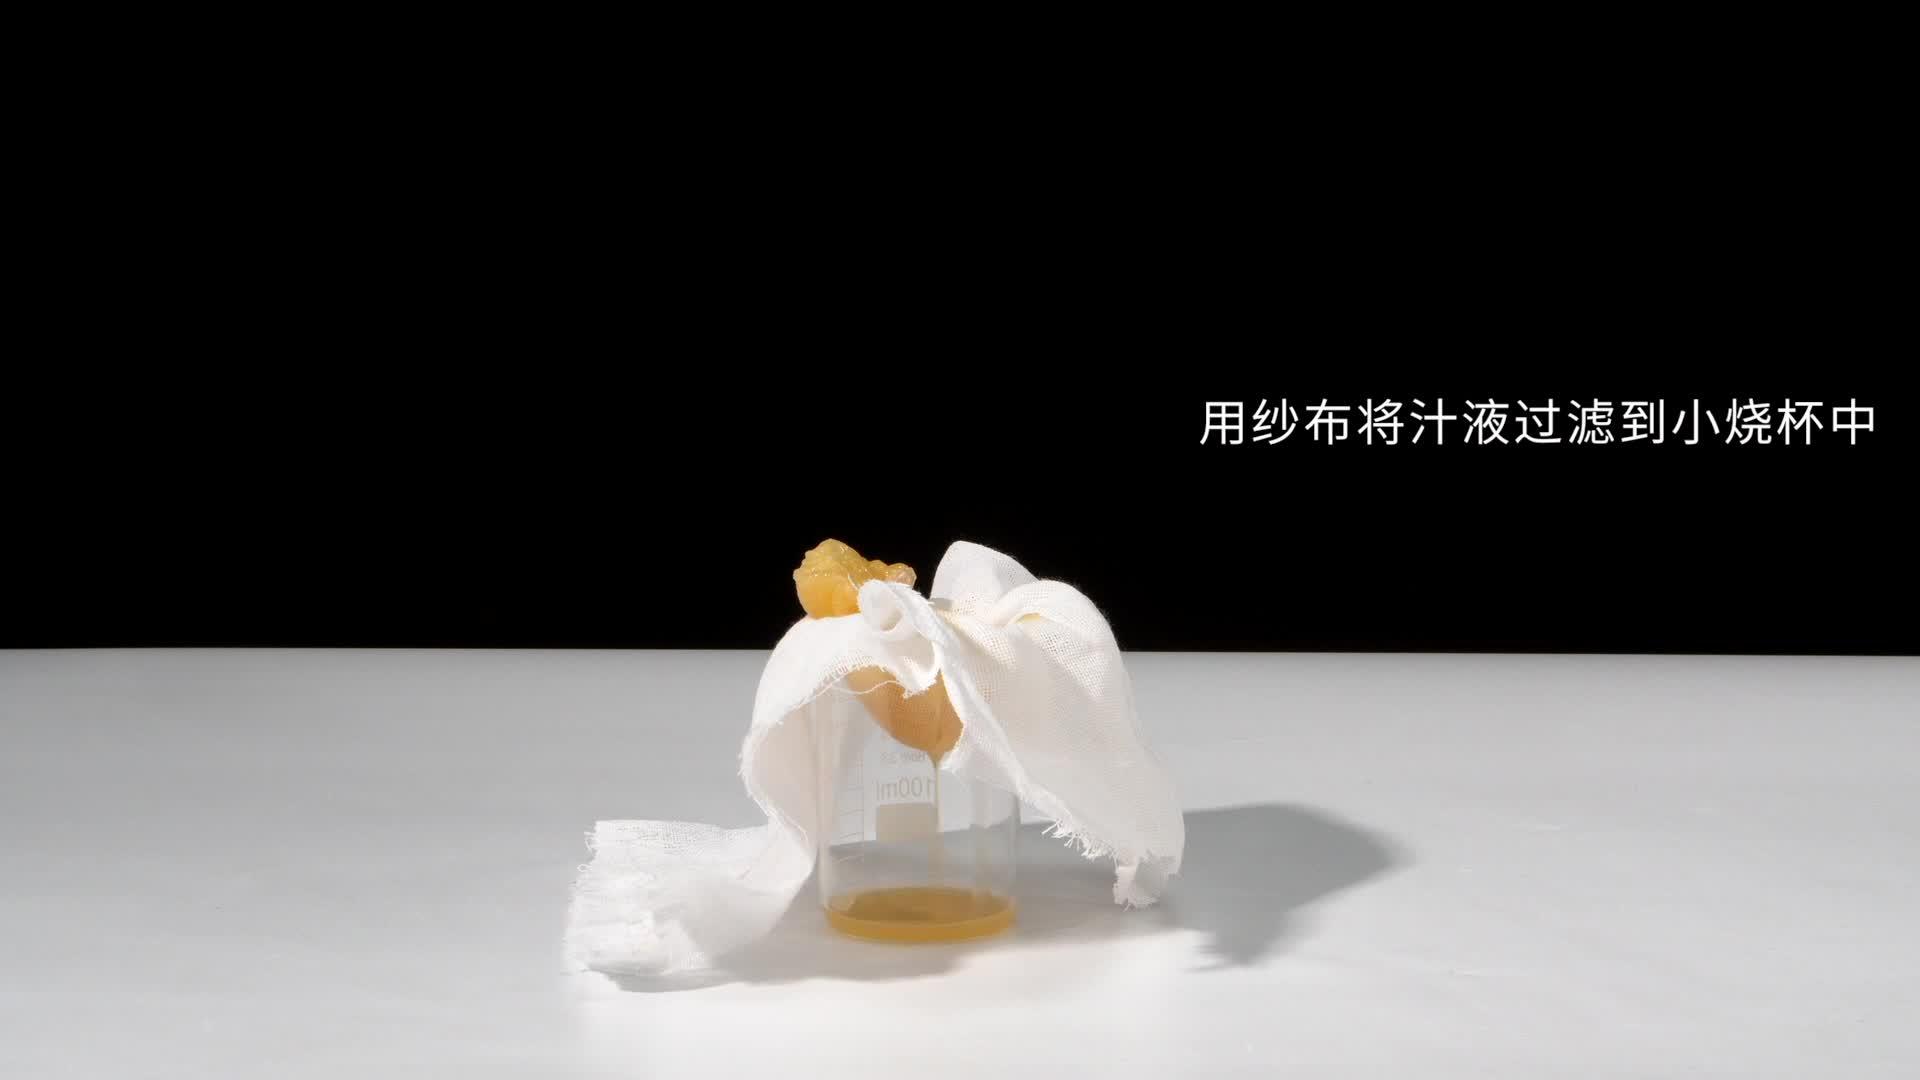 【限时折扣】4.2.1 探究橙子中是否含有维生素C-【火花学院】人教版七年级生物下册 第四单元 生物圈中的人 第二章 人体的营养 第一节 食物中的营养物质 [来自e网通客户端]